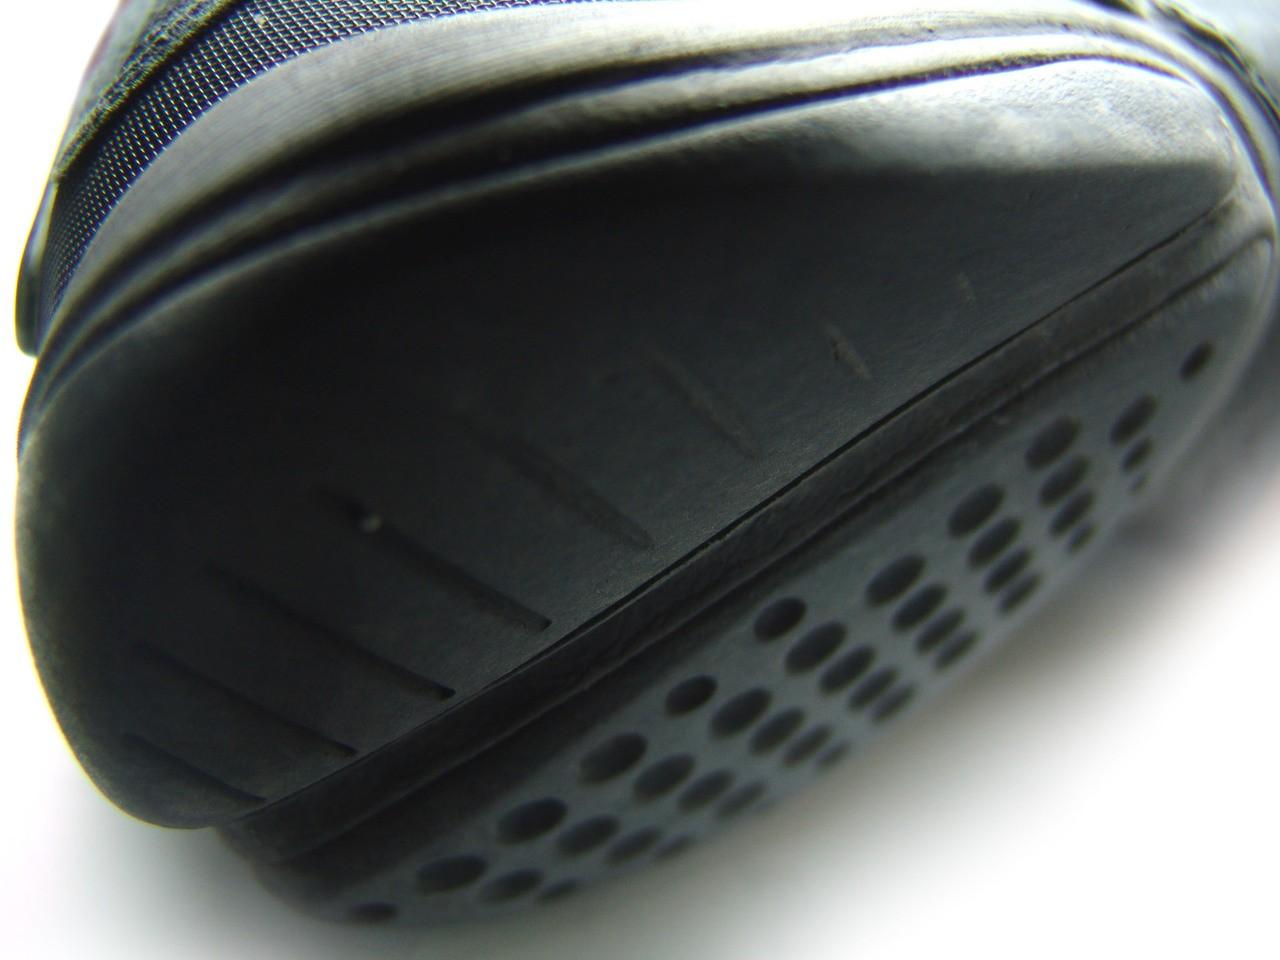 Buty, odpowiednie do biegania